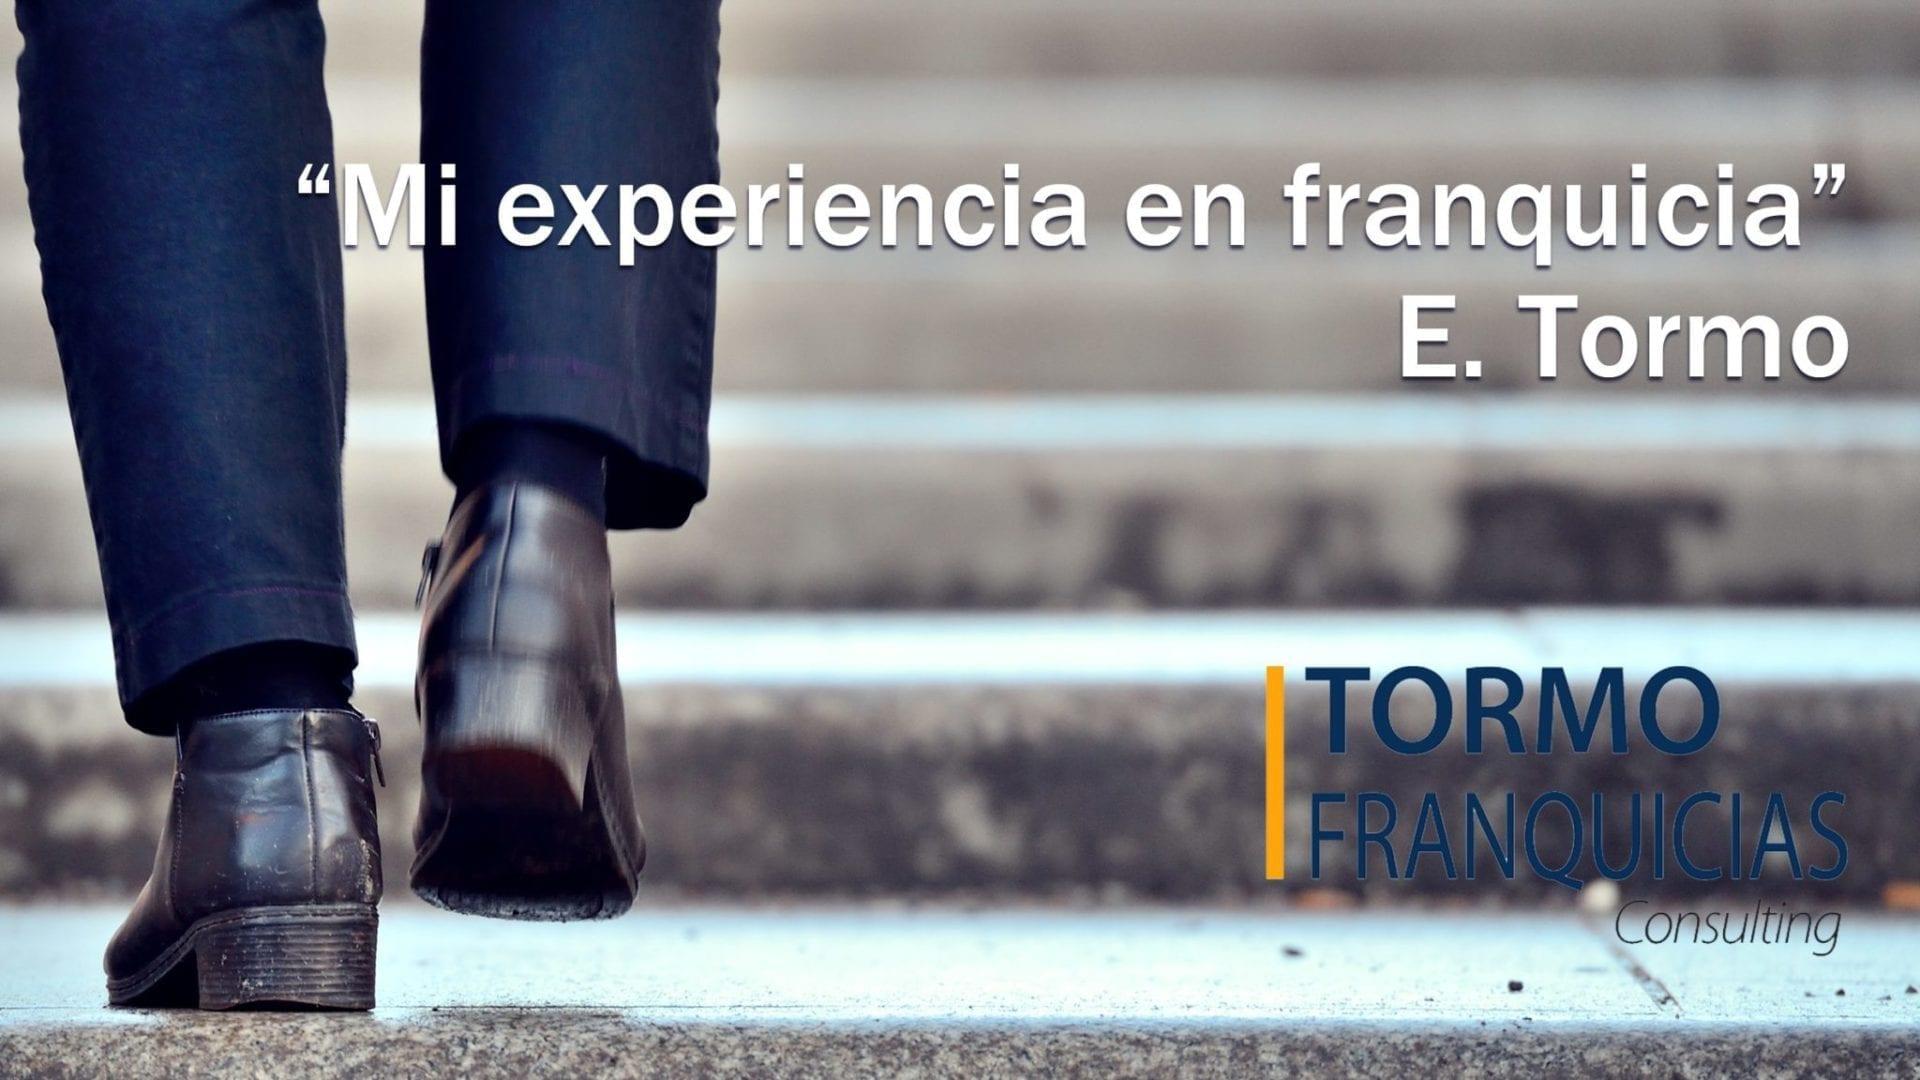 Tormo_Franquicias_Consulting_Franquicias_Rentables_Consultora_Franquiciar_Mi_Experiencia_en_franquicias_Eduardo_Tormo